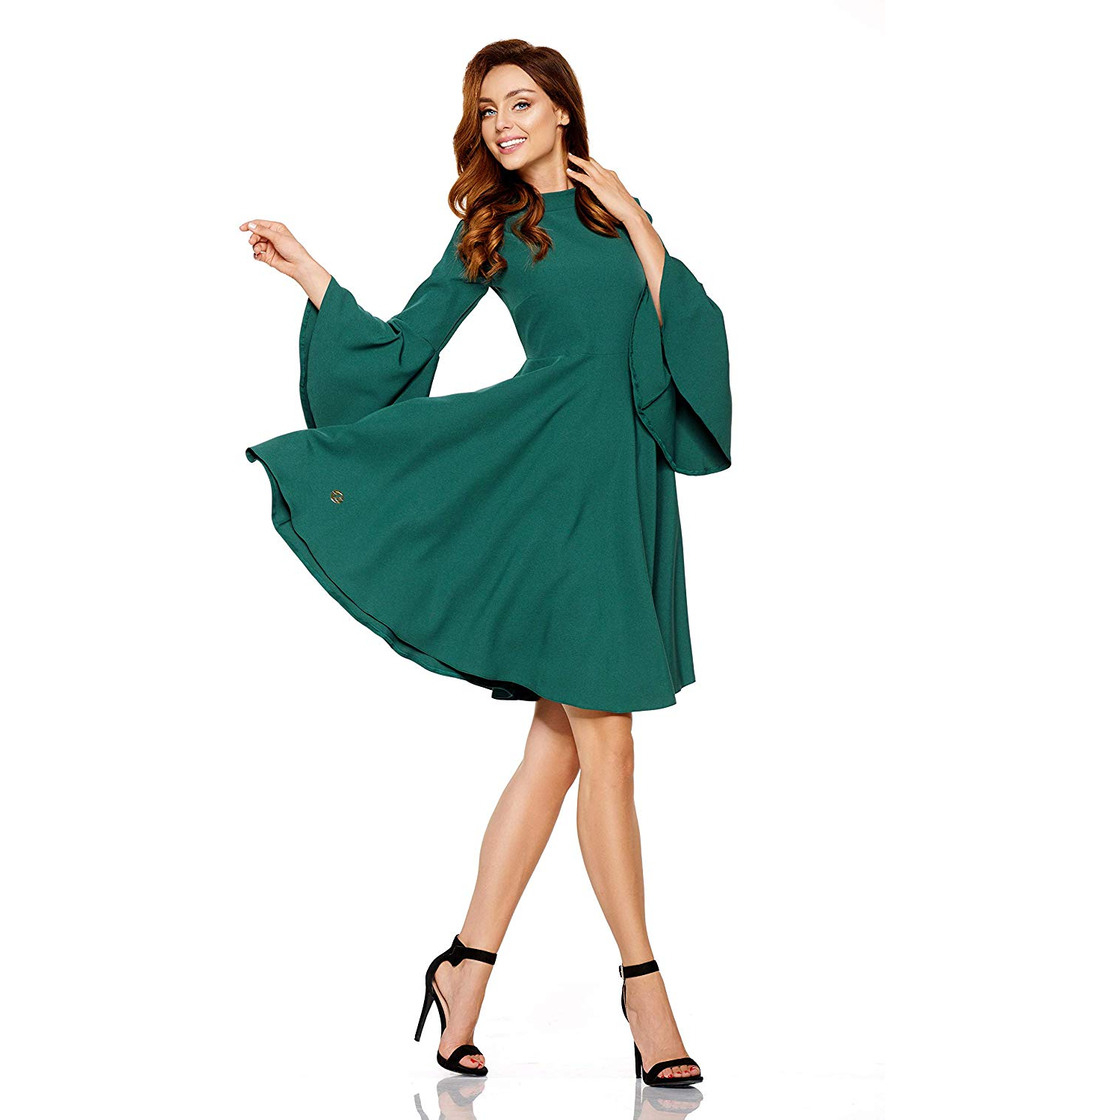 10 Ausgezeichnet Abendkleid Kurz Langarm Bester PreisFormal Genial Abendkleid Kurz Langarm Bester Preis